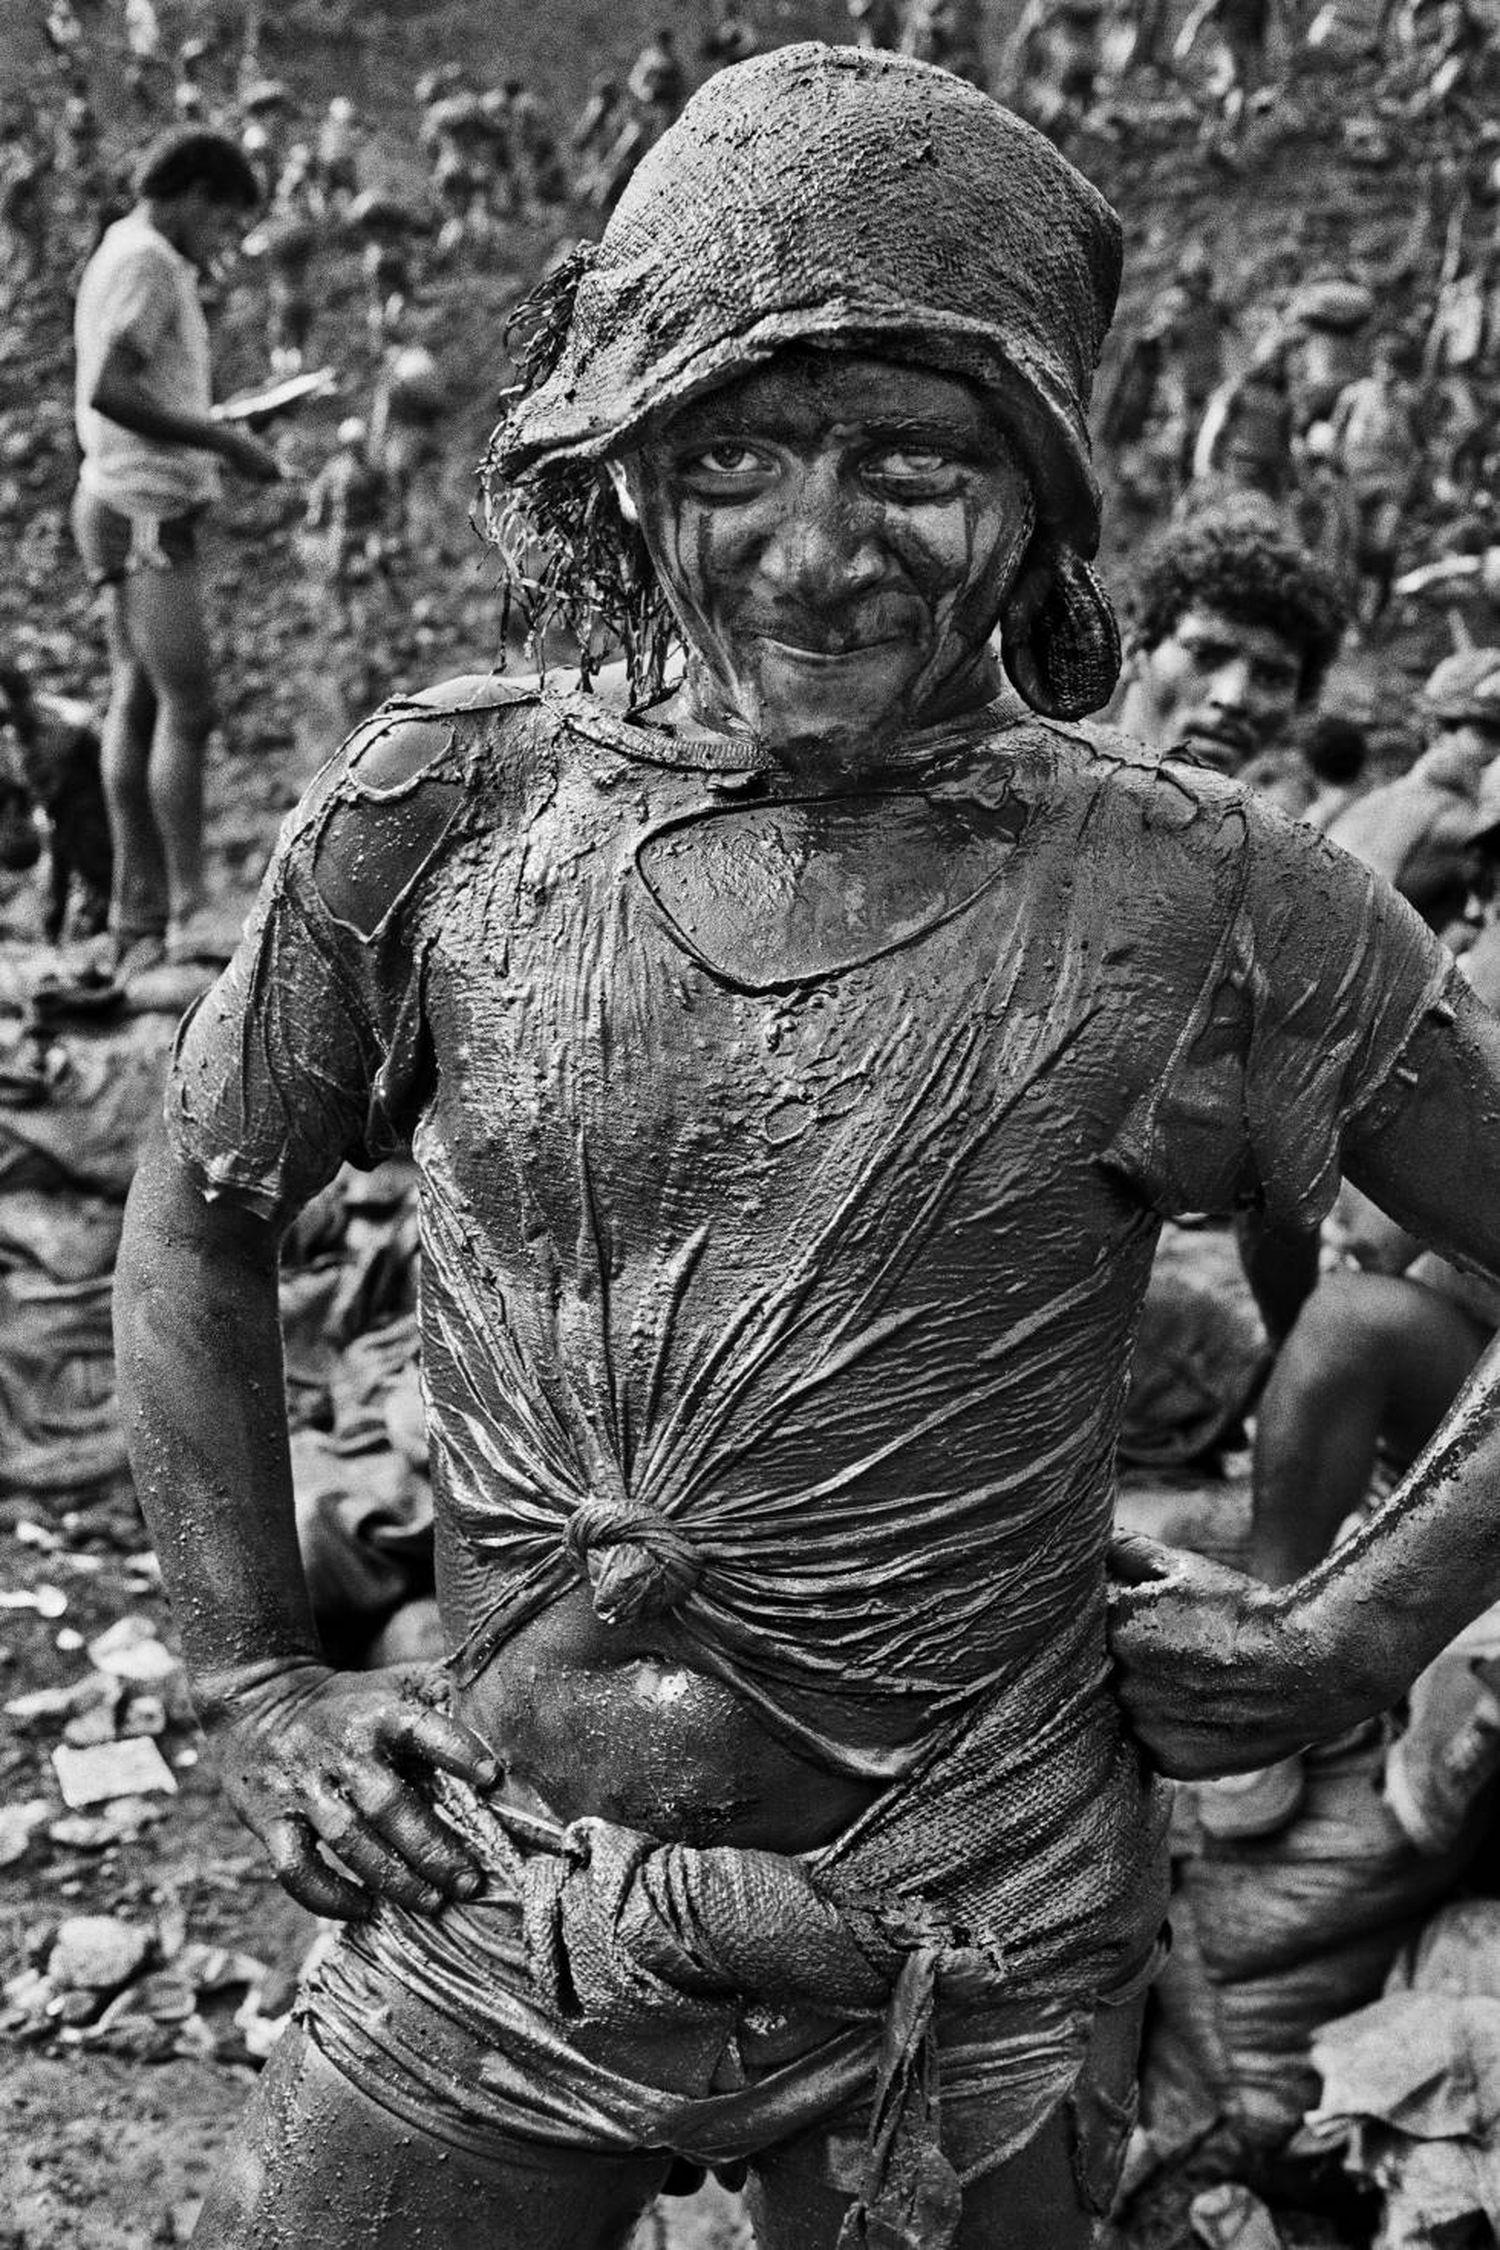 Uma das pessoas que chegaram a Serra Pelada na febre do ouro, fotografada em 1986.